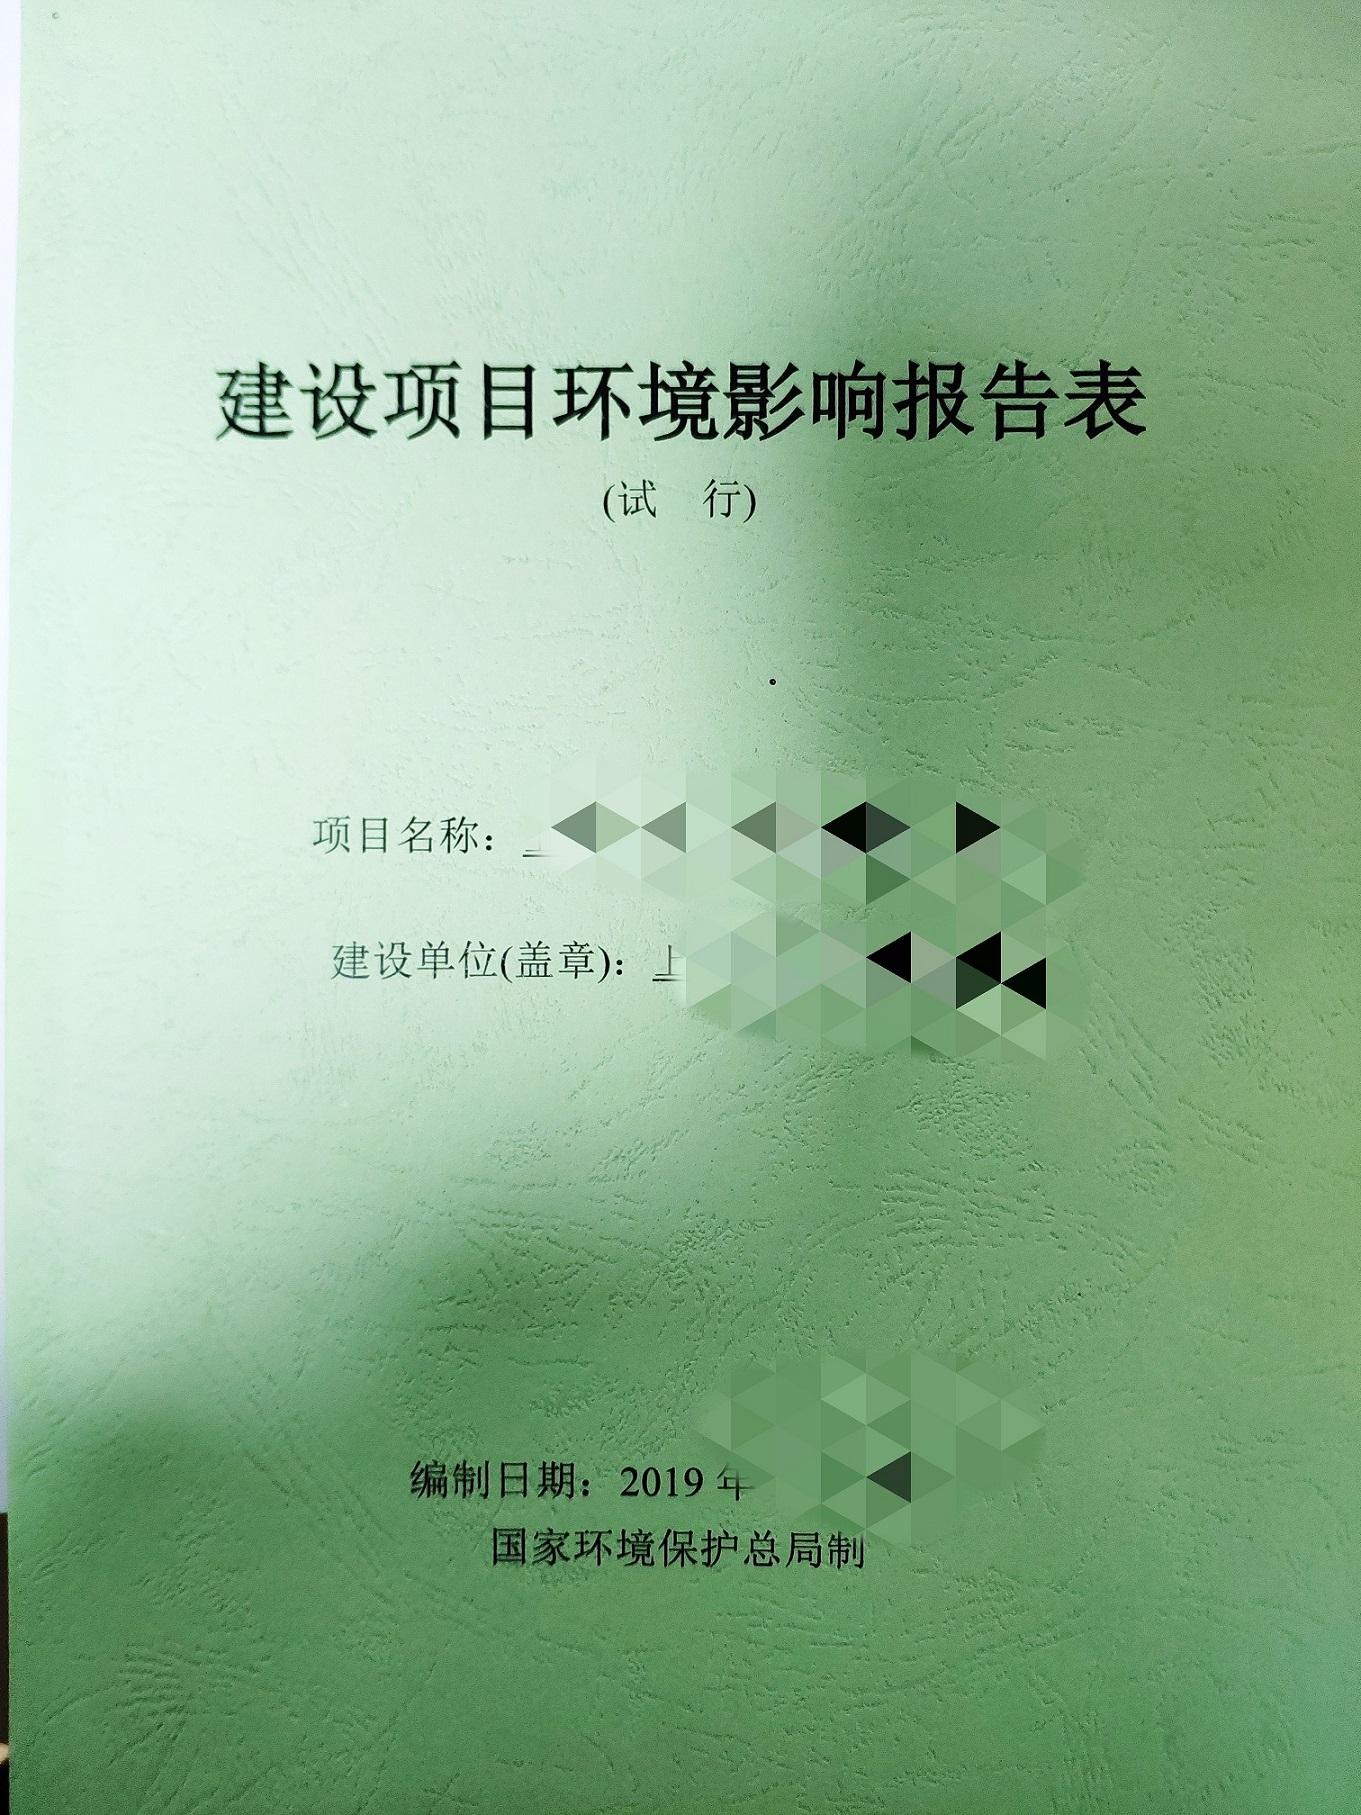 上海潤滑油生產企業環評報告,企業環評